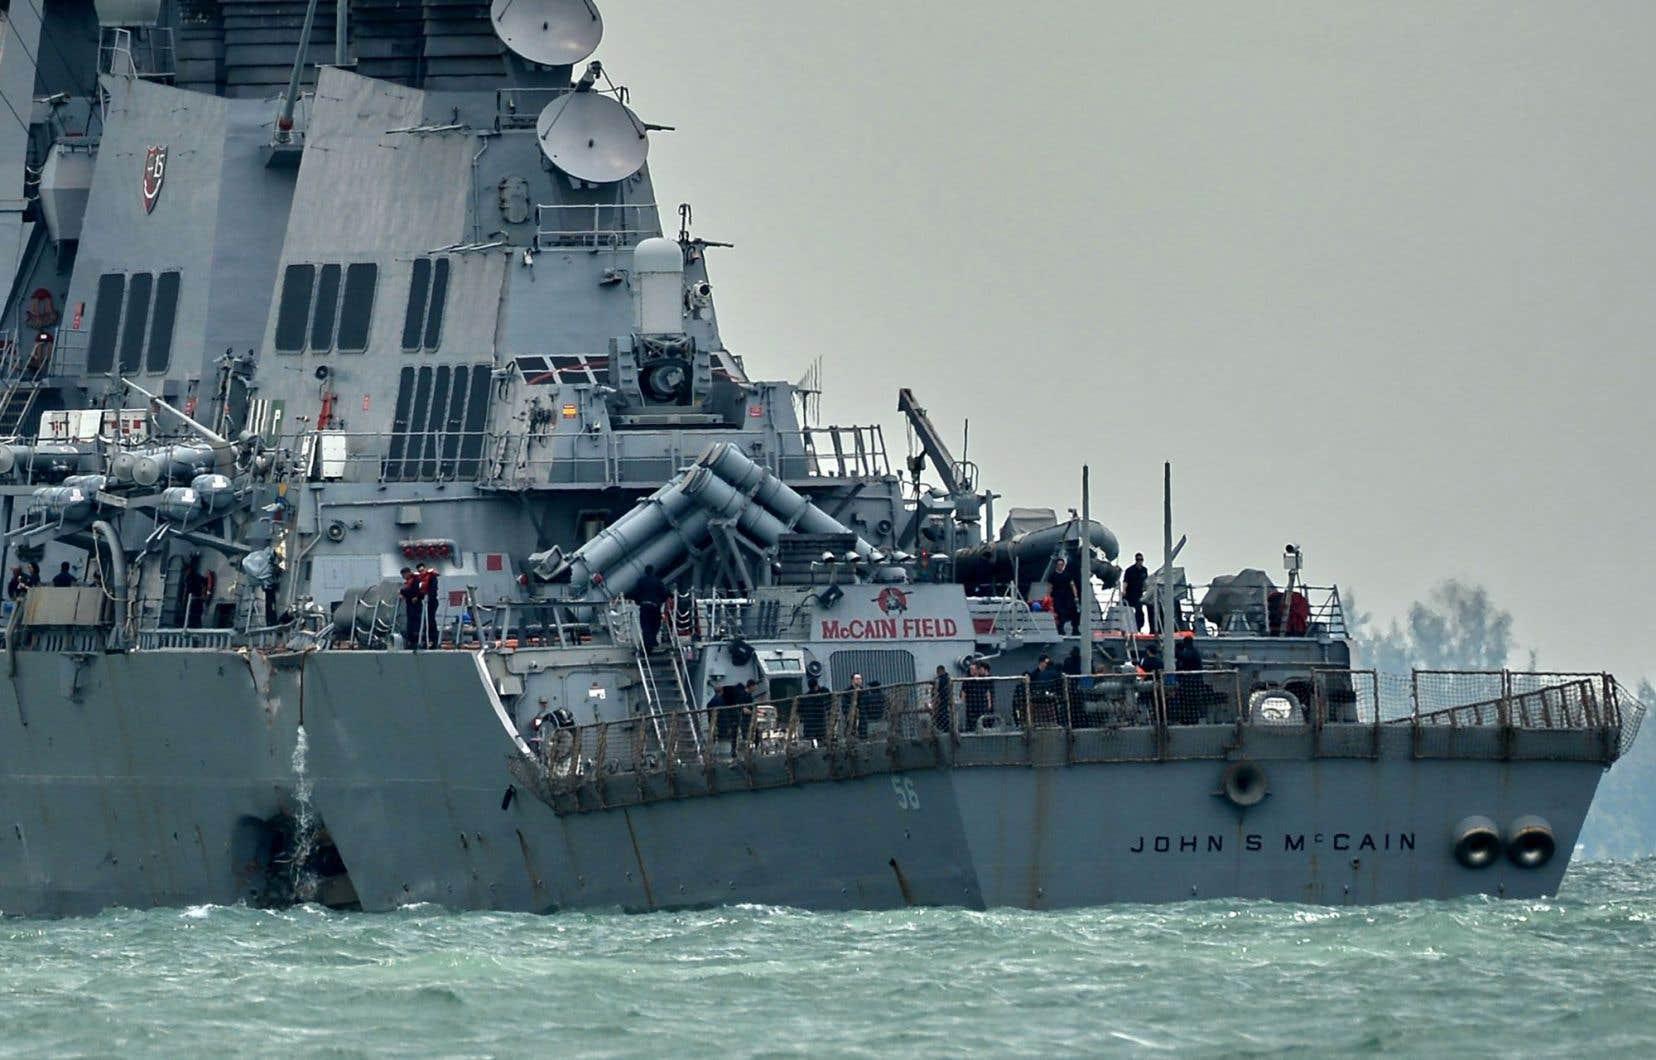 Le contre-torpilleur porte le nom du père et du grand-père du sénateur républicain John McCain, tous deux des amiraux de la marine américaine.